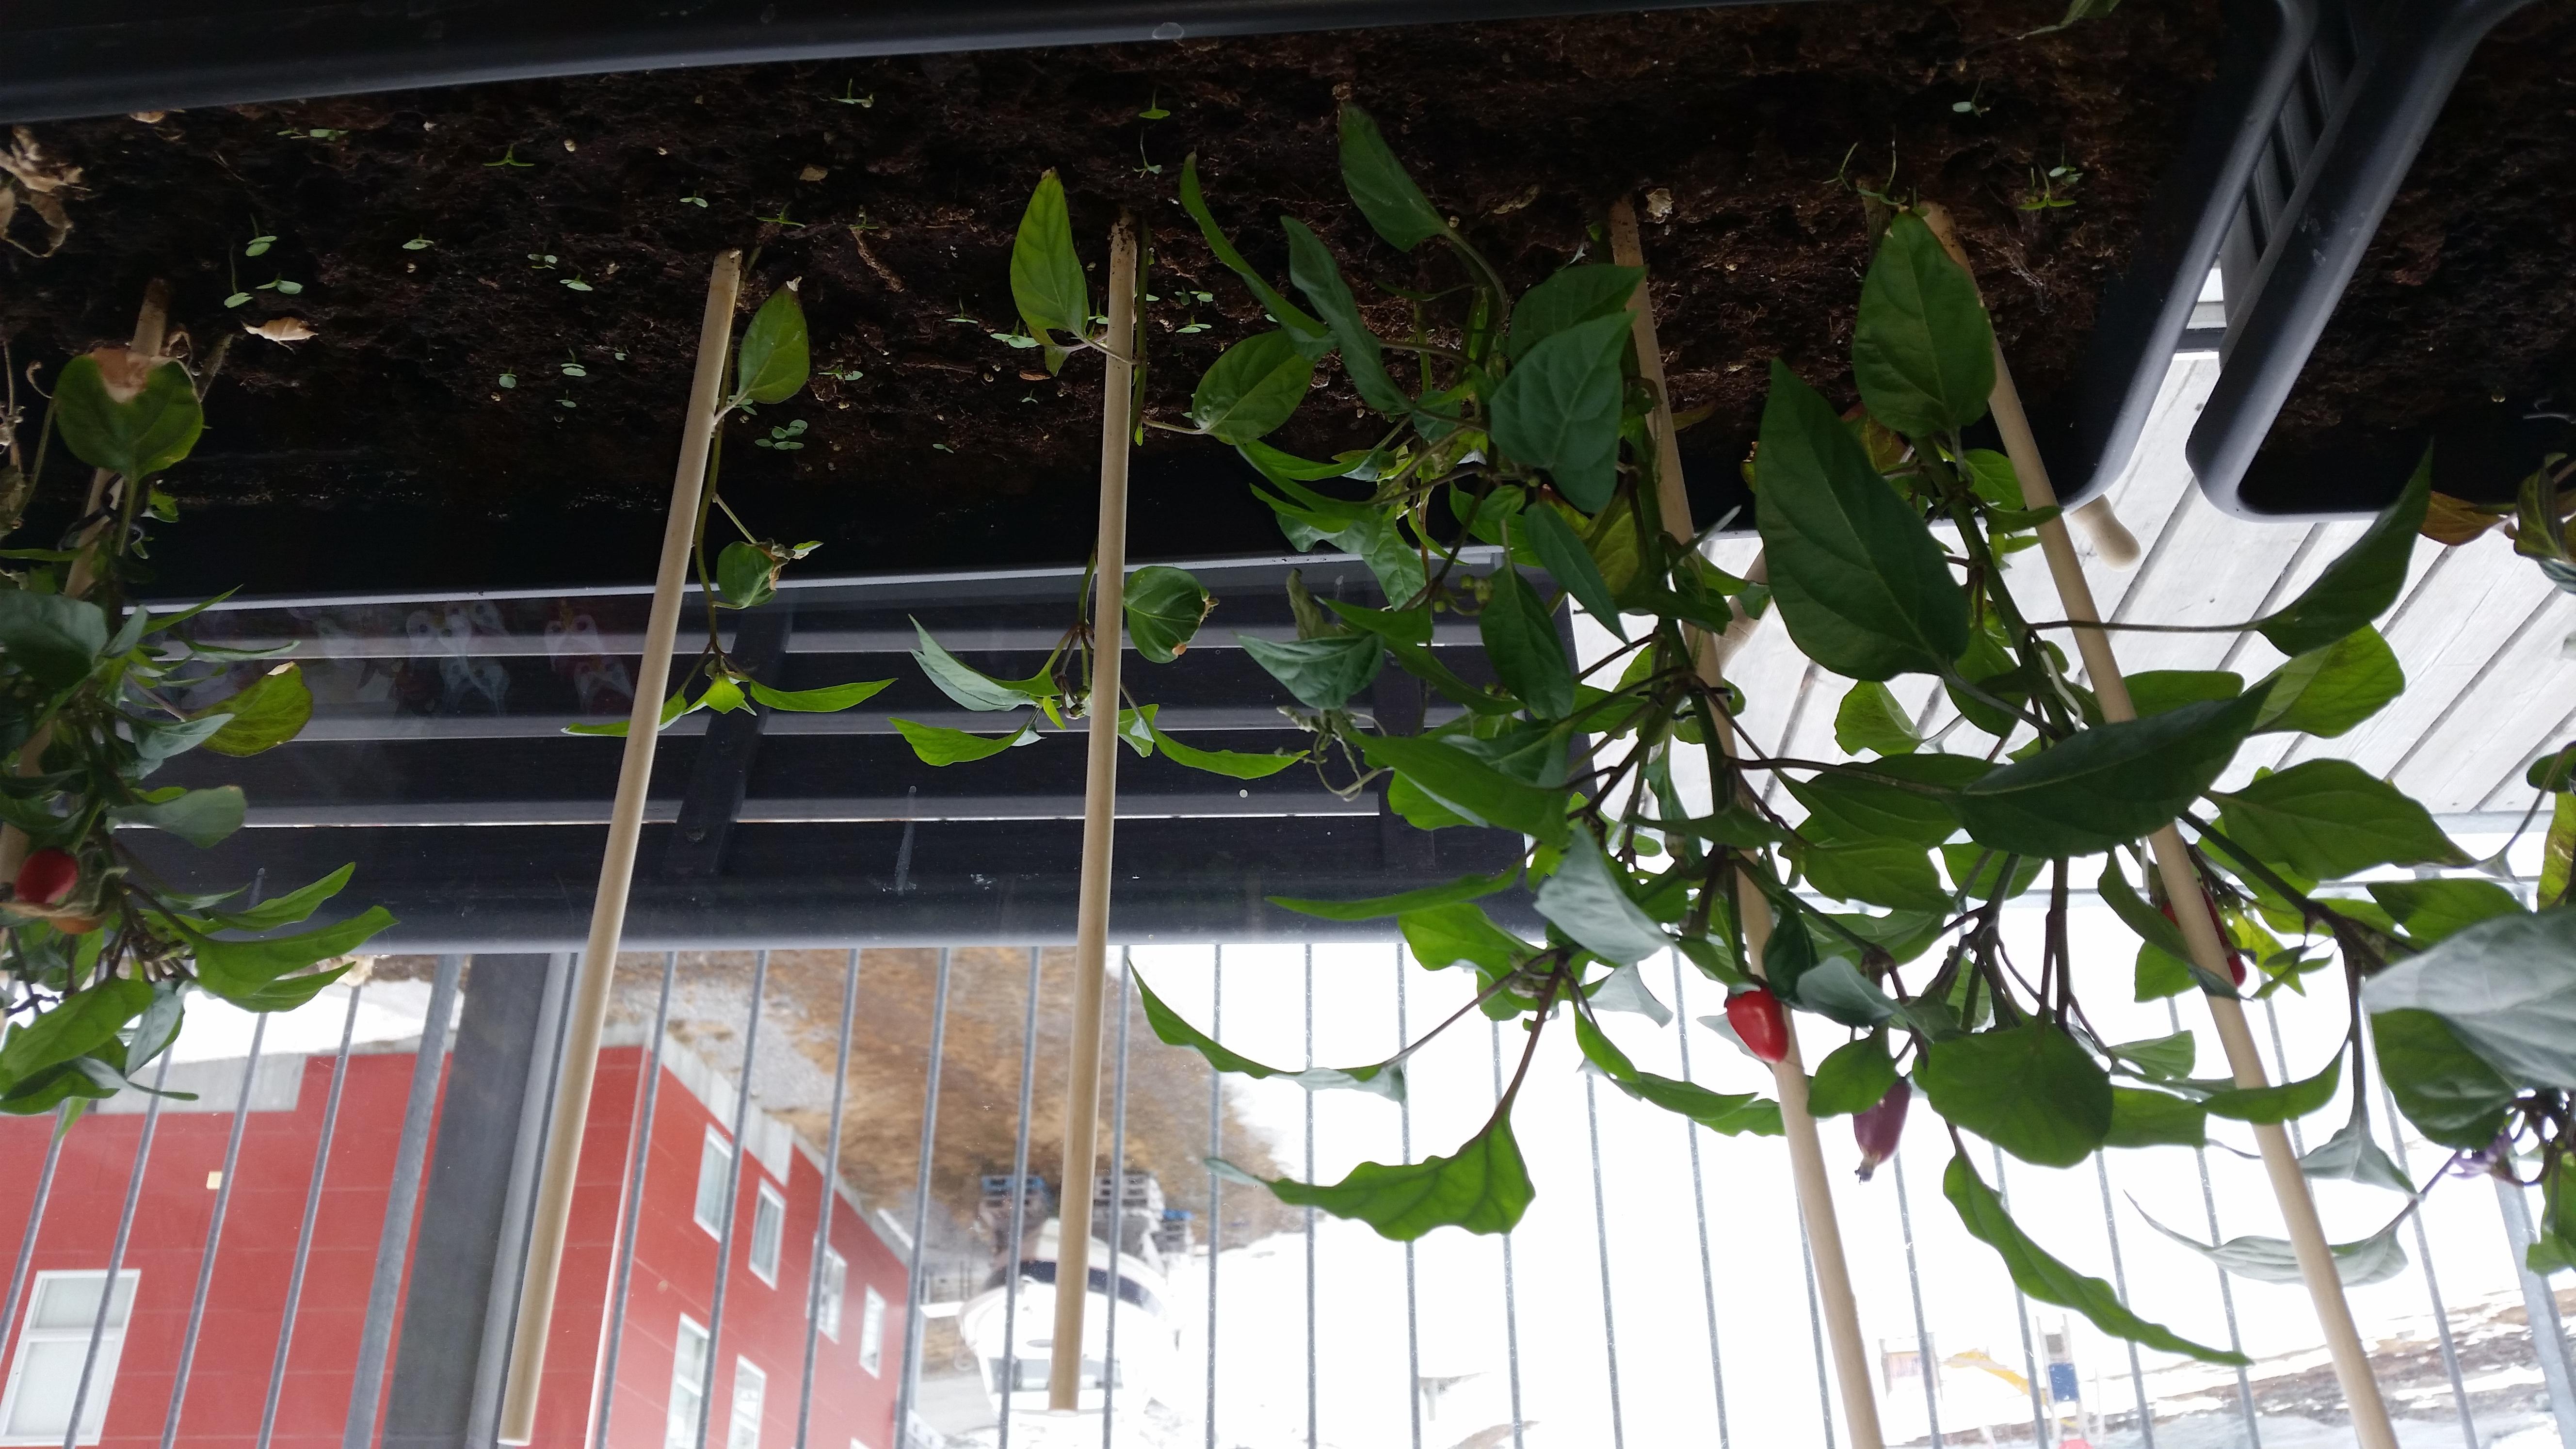 2017-05-11-0909_-_Chili; Plante_5